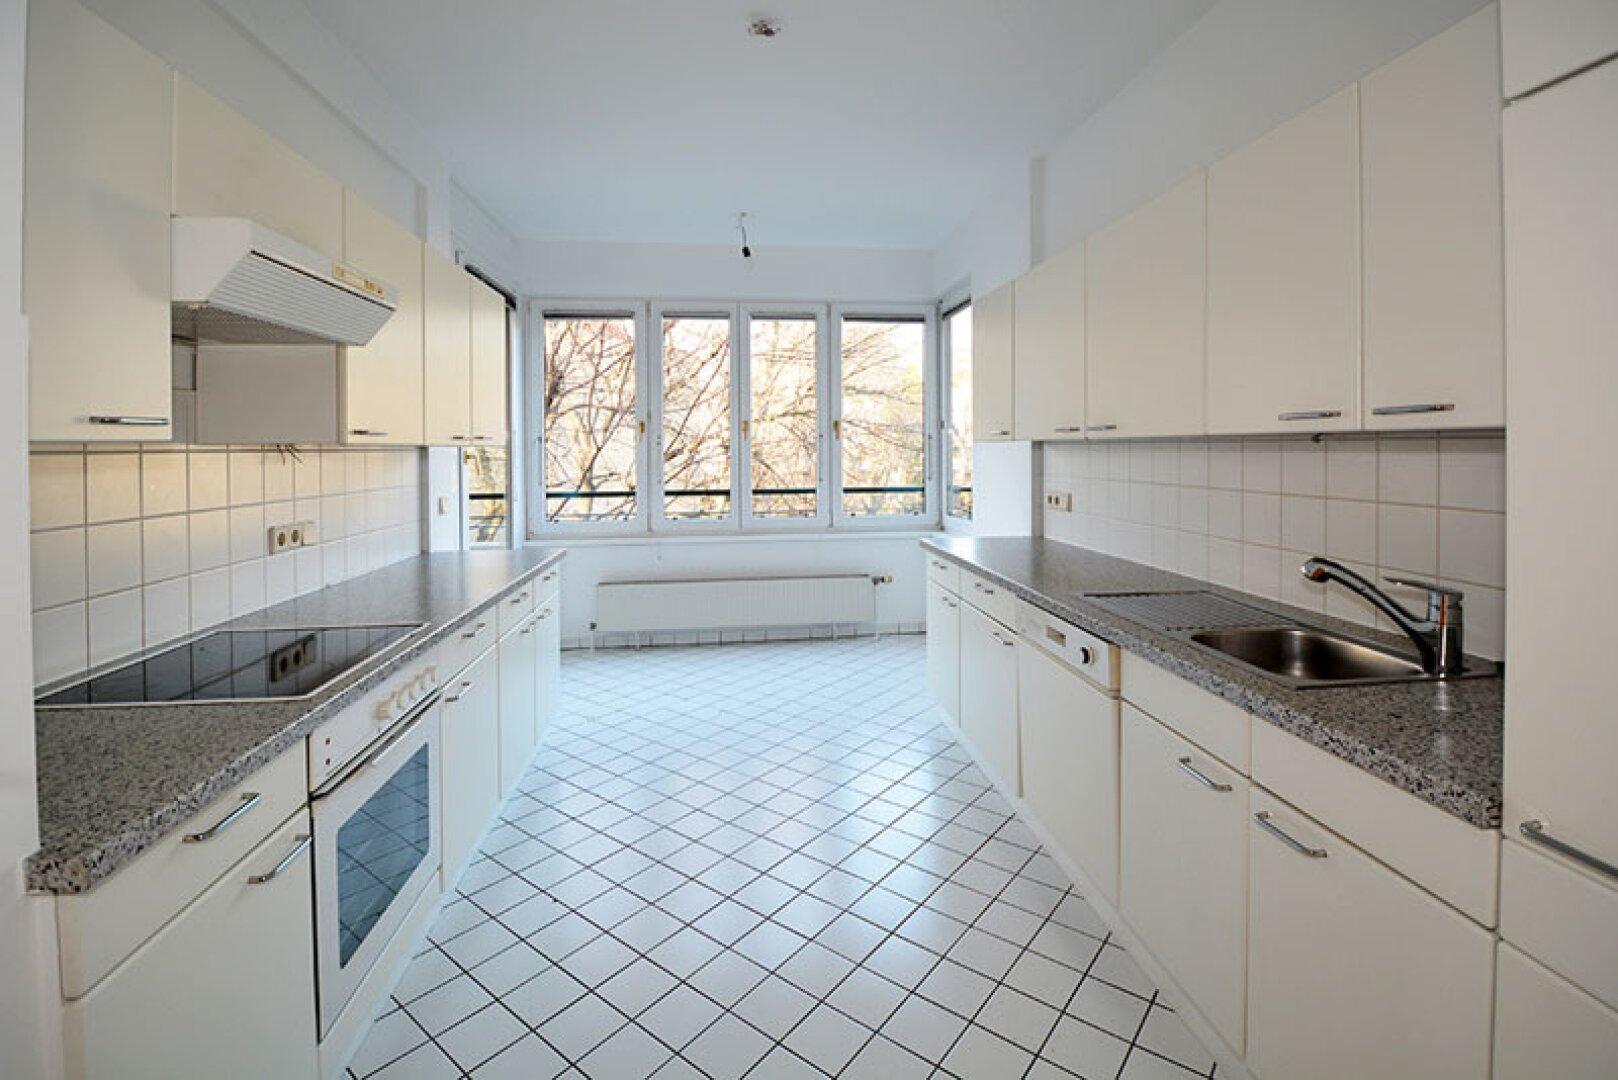 11_Küche